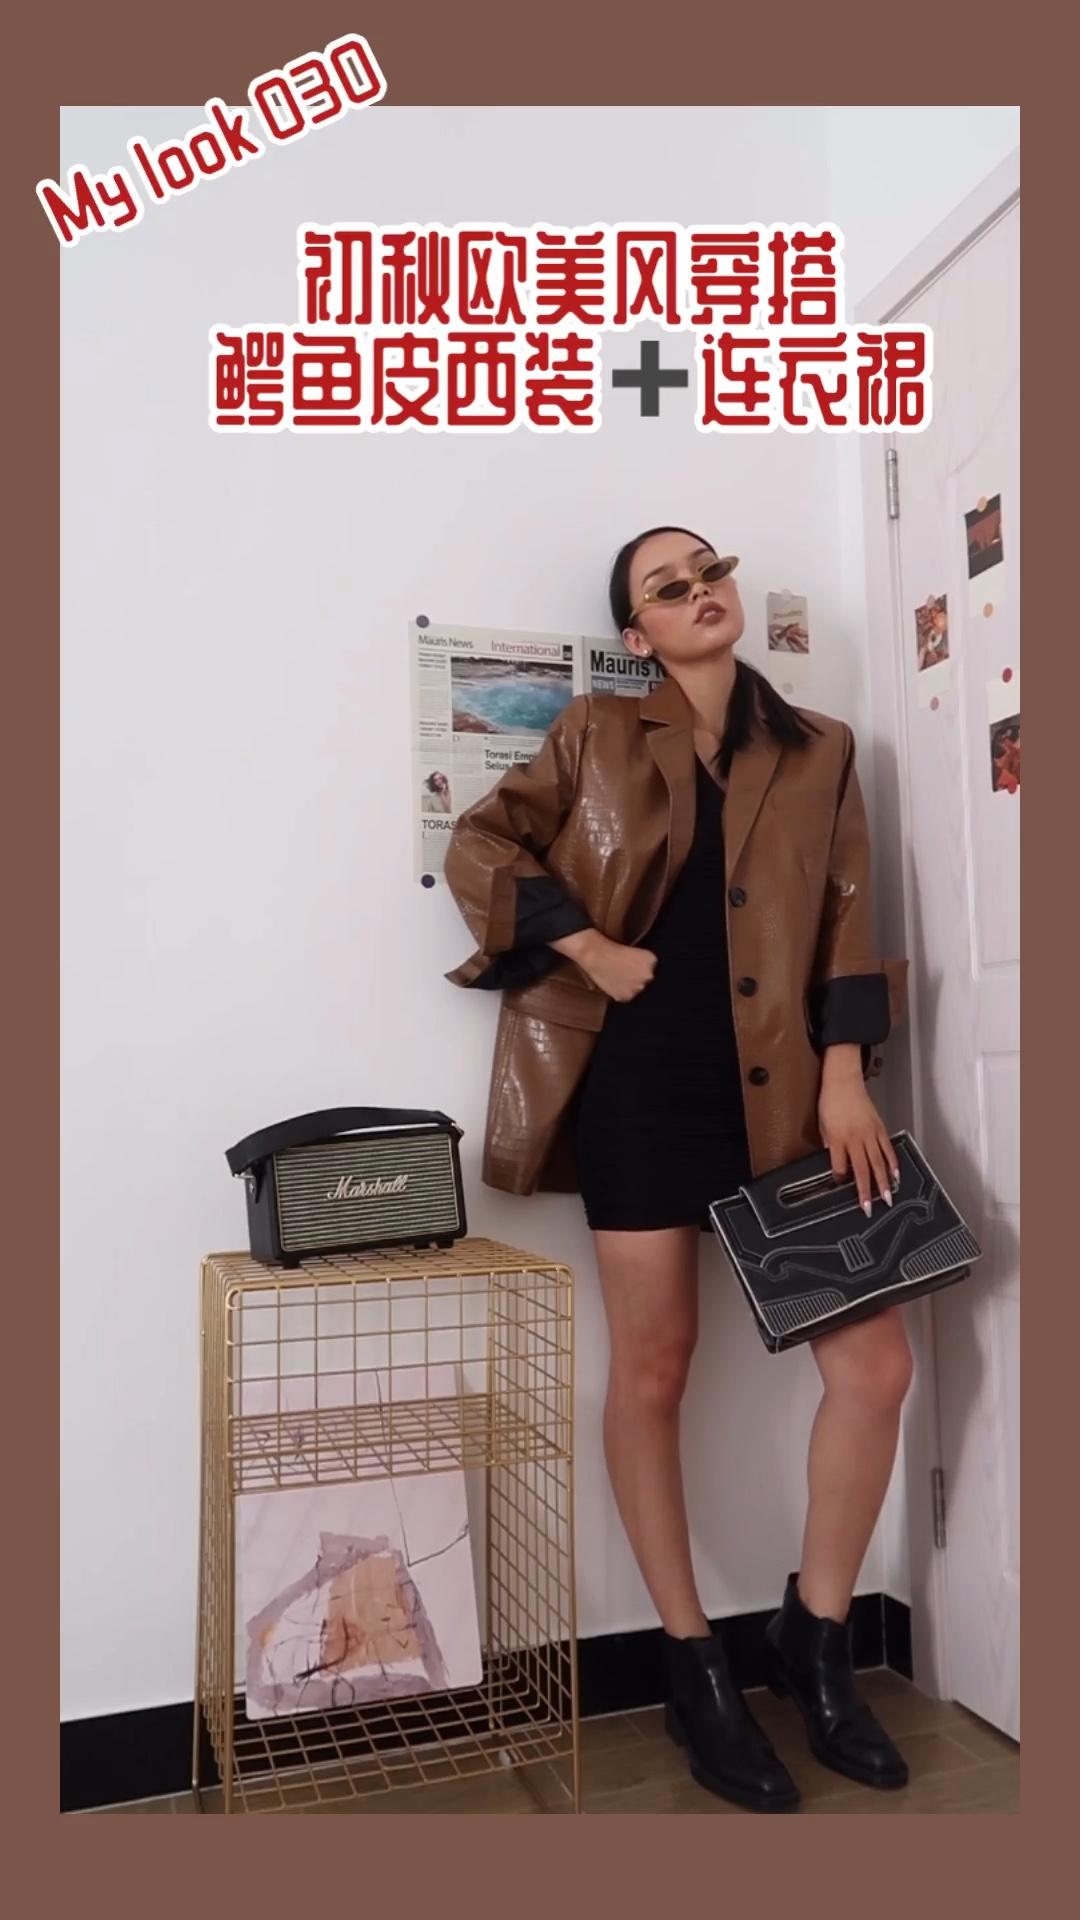 #今秋流行大一号,遮肉20斤!#  今年是西装大年,看到好的西装还是想安利给你们 就是这款穿上好看时髦又减龄的鳄鱼纹西装没错啦   向来狂野高Ji的动物纹让这个秋天变得geng时髦有型 而且在凉爽的秋天,一件高质感的西服真的可以随意搭配~ 搭吊带、短袖、衬衫、配短裤短裙、阔腿裤、西服裤都OK,解锁不同style 现在一些办公楼里空调打的蛮冷的,近期也可以穿的哦